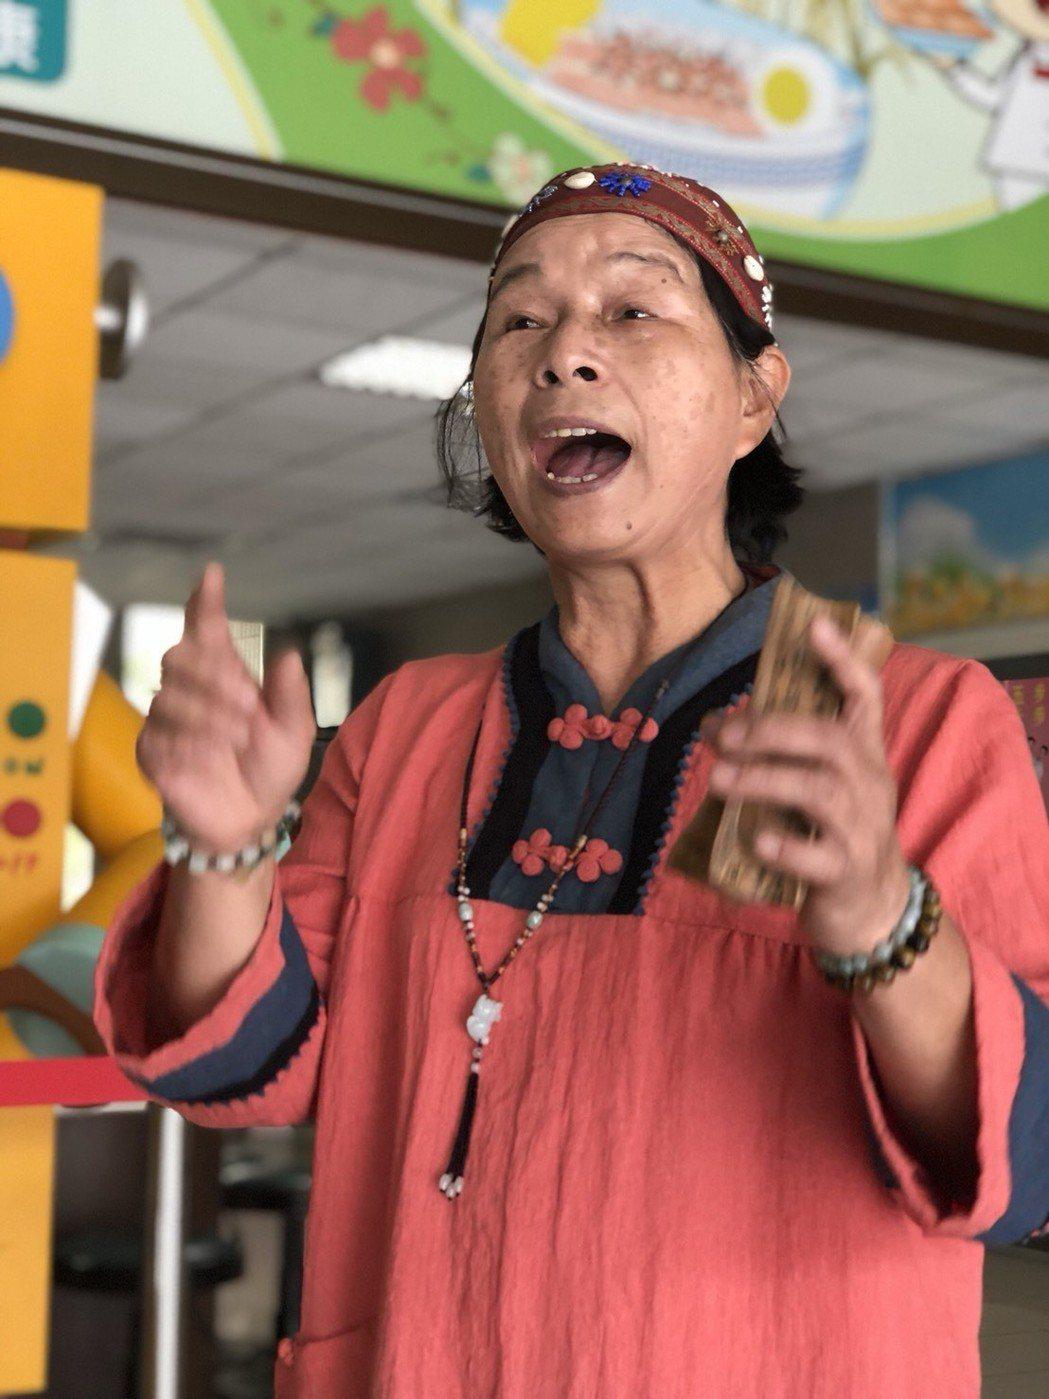 人稱「賴阿夷」的賴秀切,長期擔任社區健康營造中心志工隊長,教唱打竹板說俚語,相當...